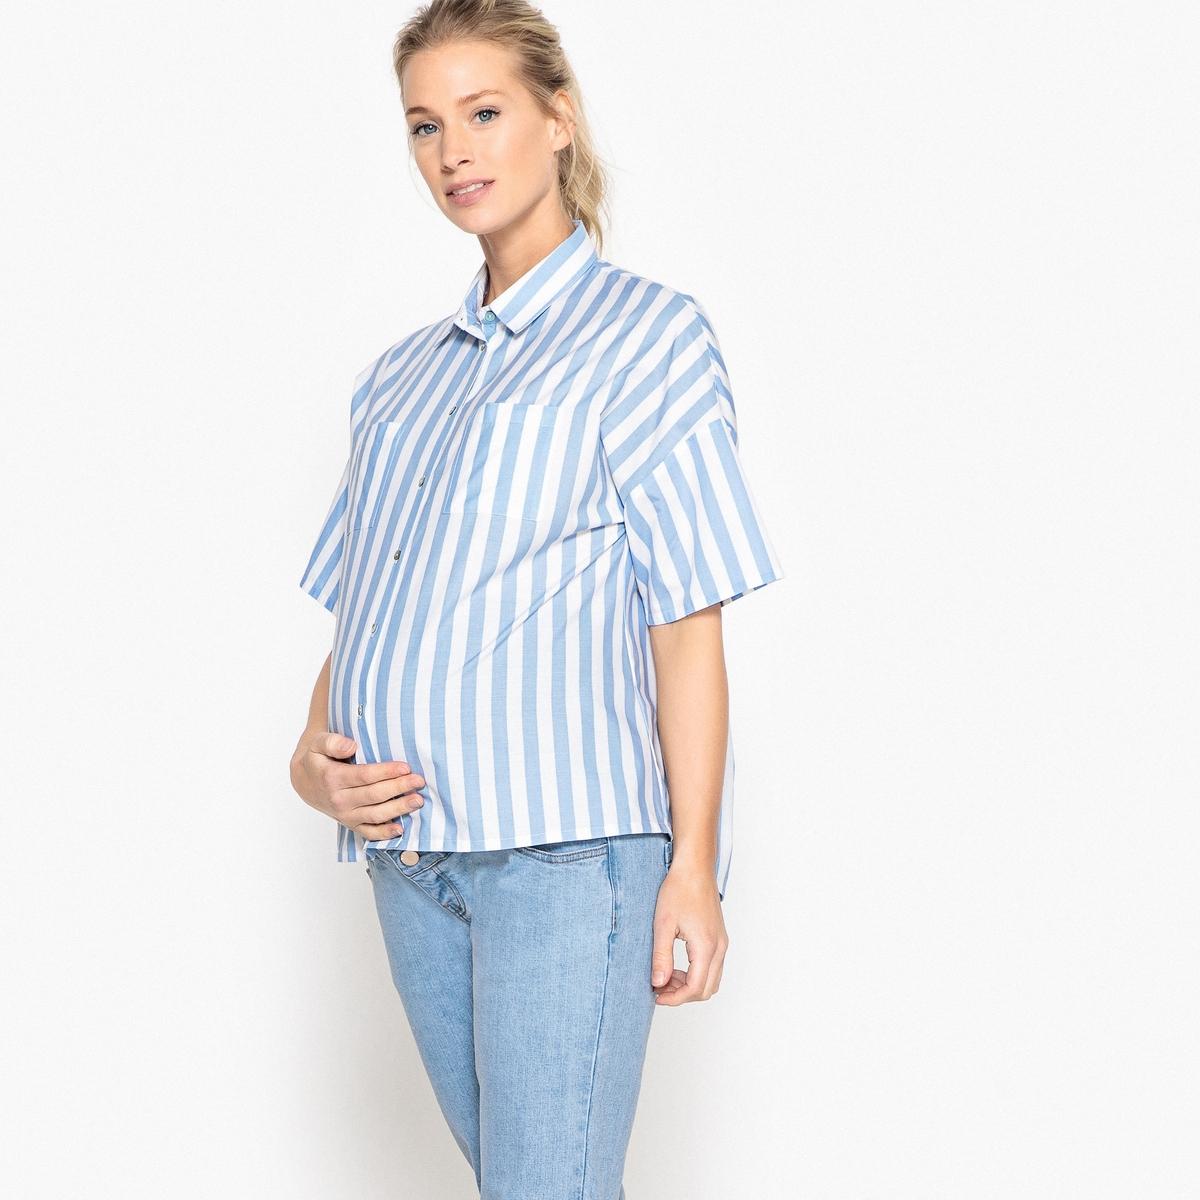 Блузка в полоску с плиссировкой сзади для периода беременности от LA REDOUTE MATERNITE